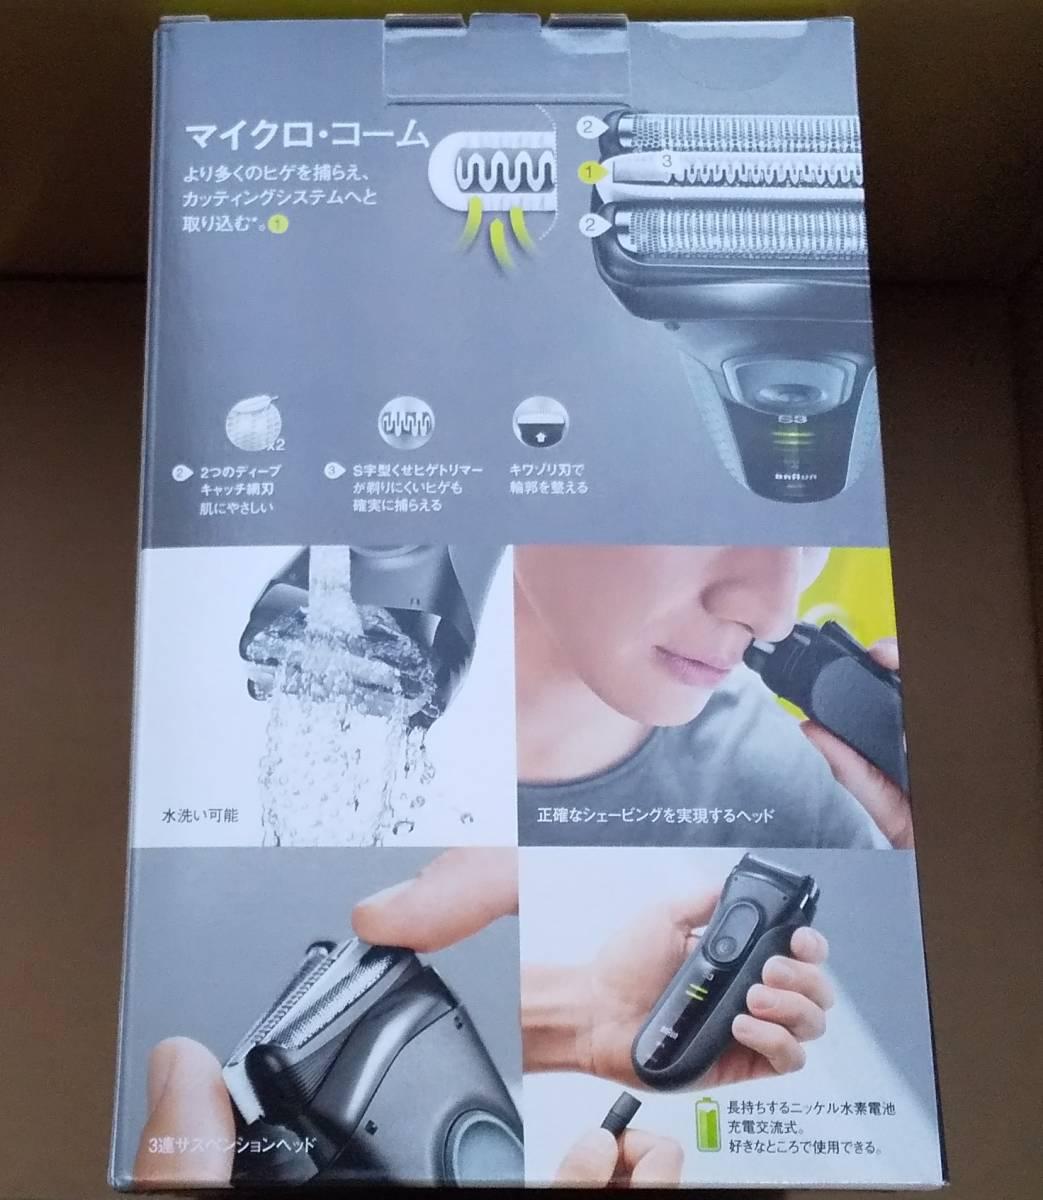 【新品】 ブラウン シリーズ3 3050cc-G メンズ電気シェーバー (Braun)